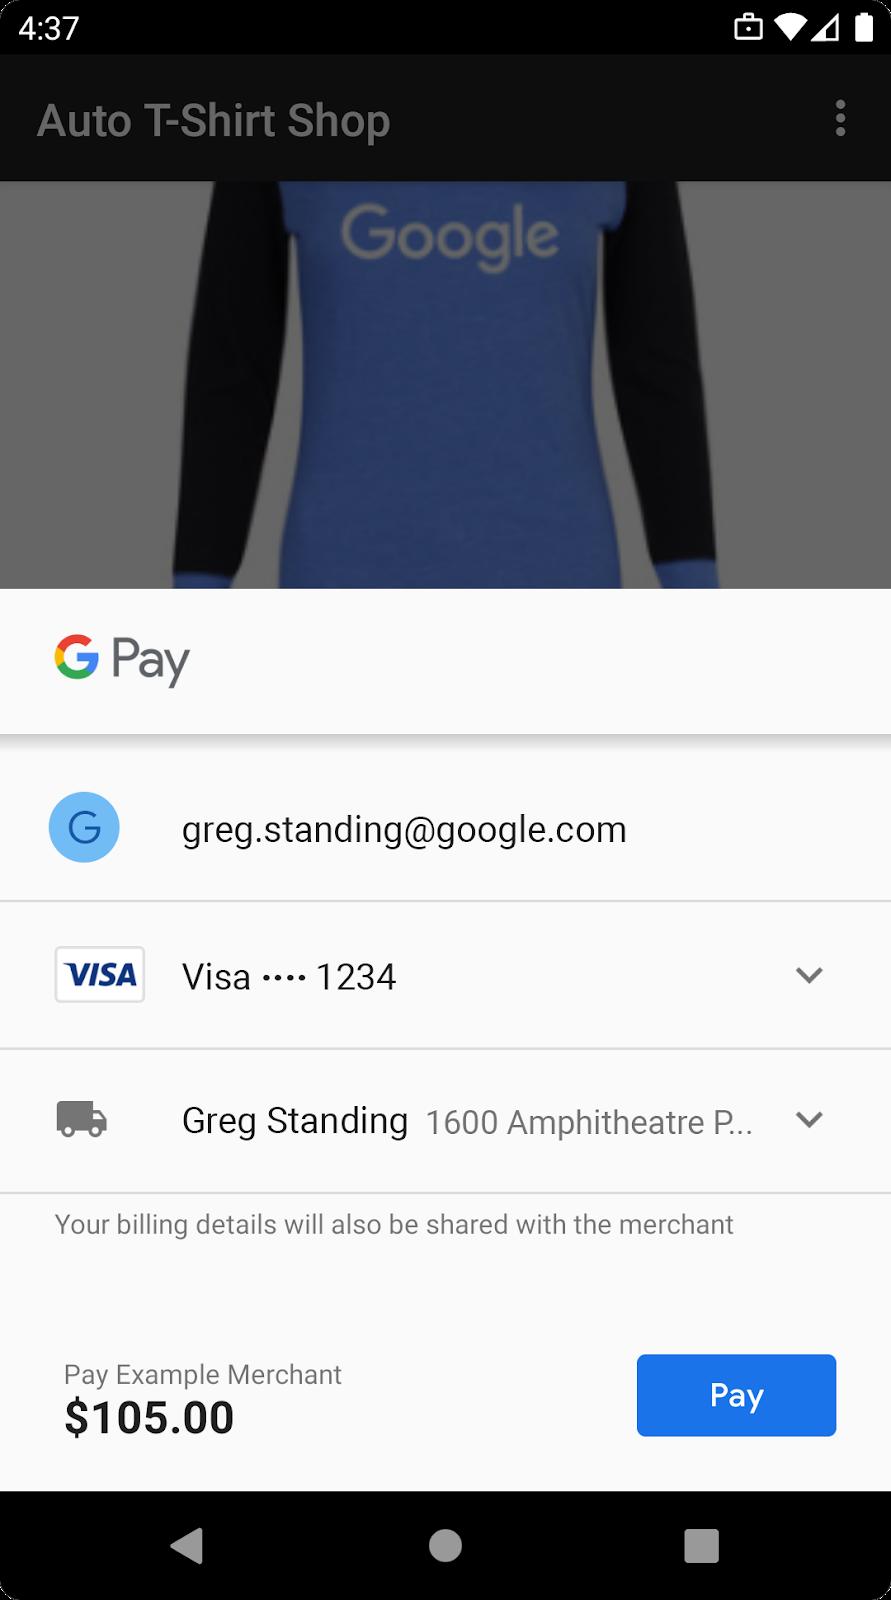 使用 Google Pay 销售实体商品或服务